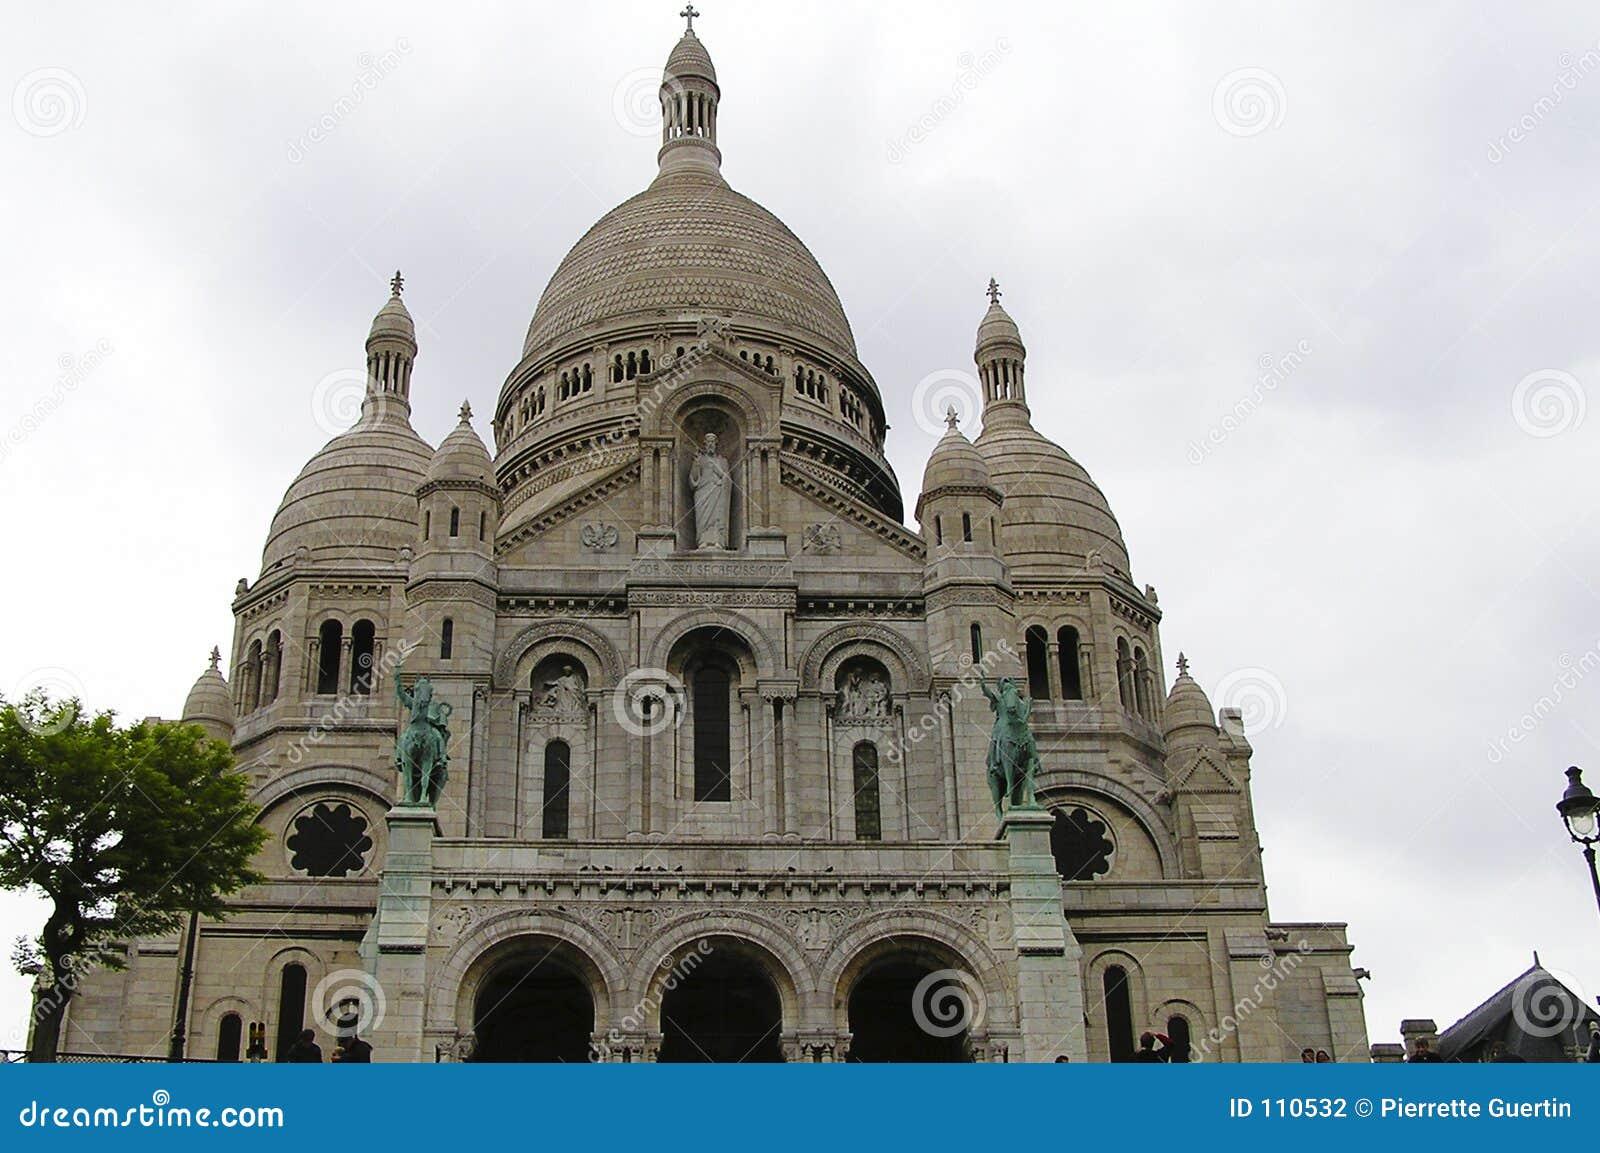 Catedral de Sacre Coeur, Montmartre, Paris